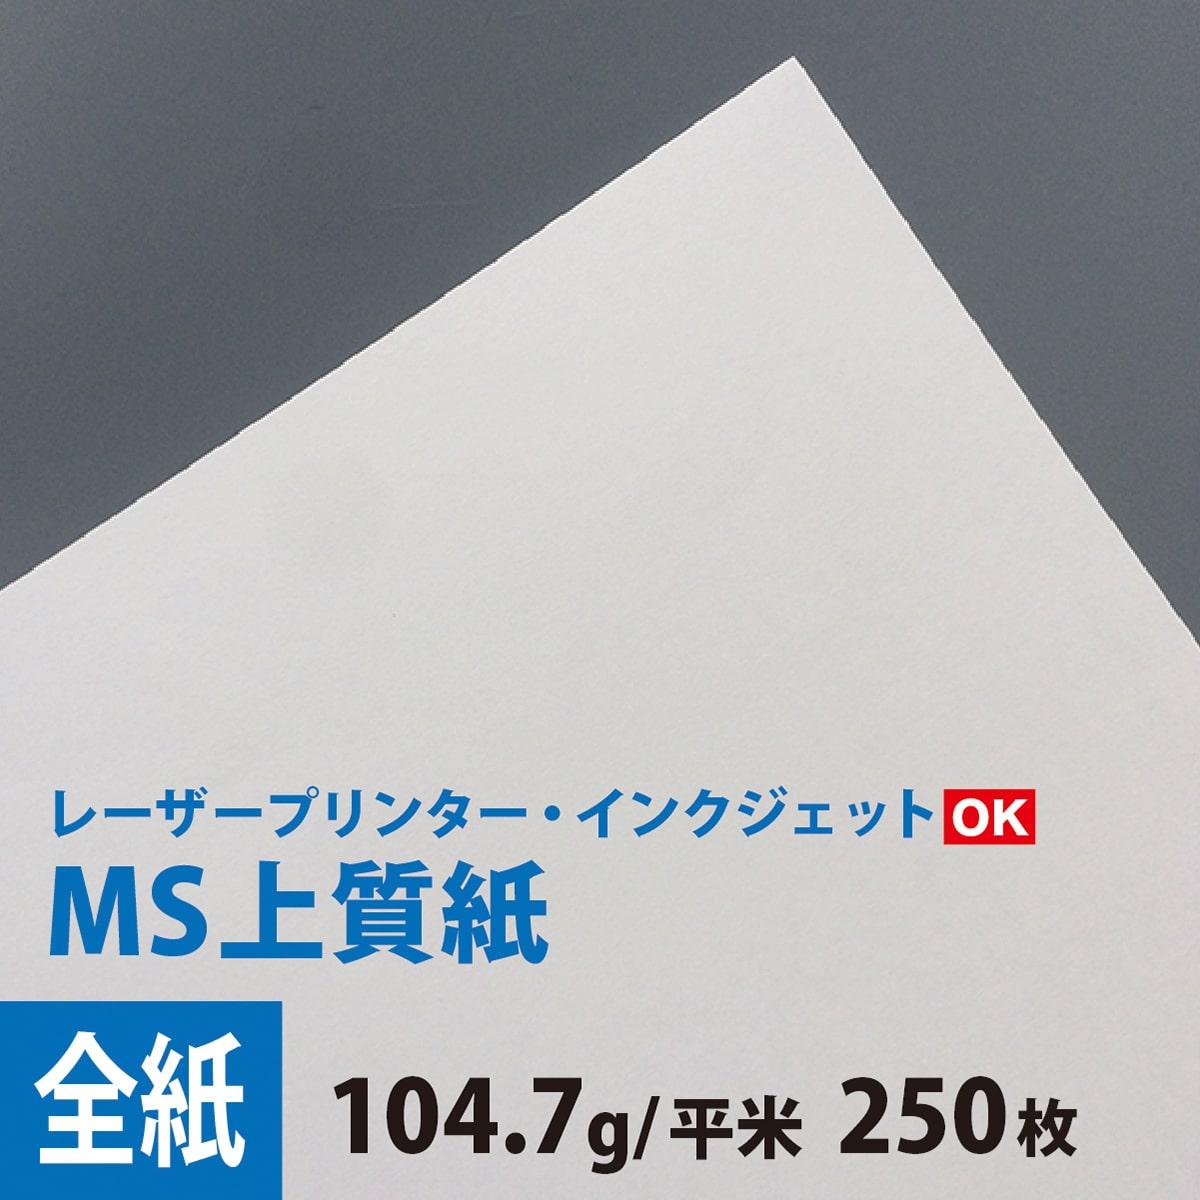 コピー用紙・印刷用紙, コピー用紙 MS 104.7g (1091788mm) 250,